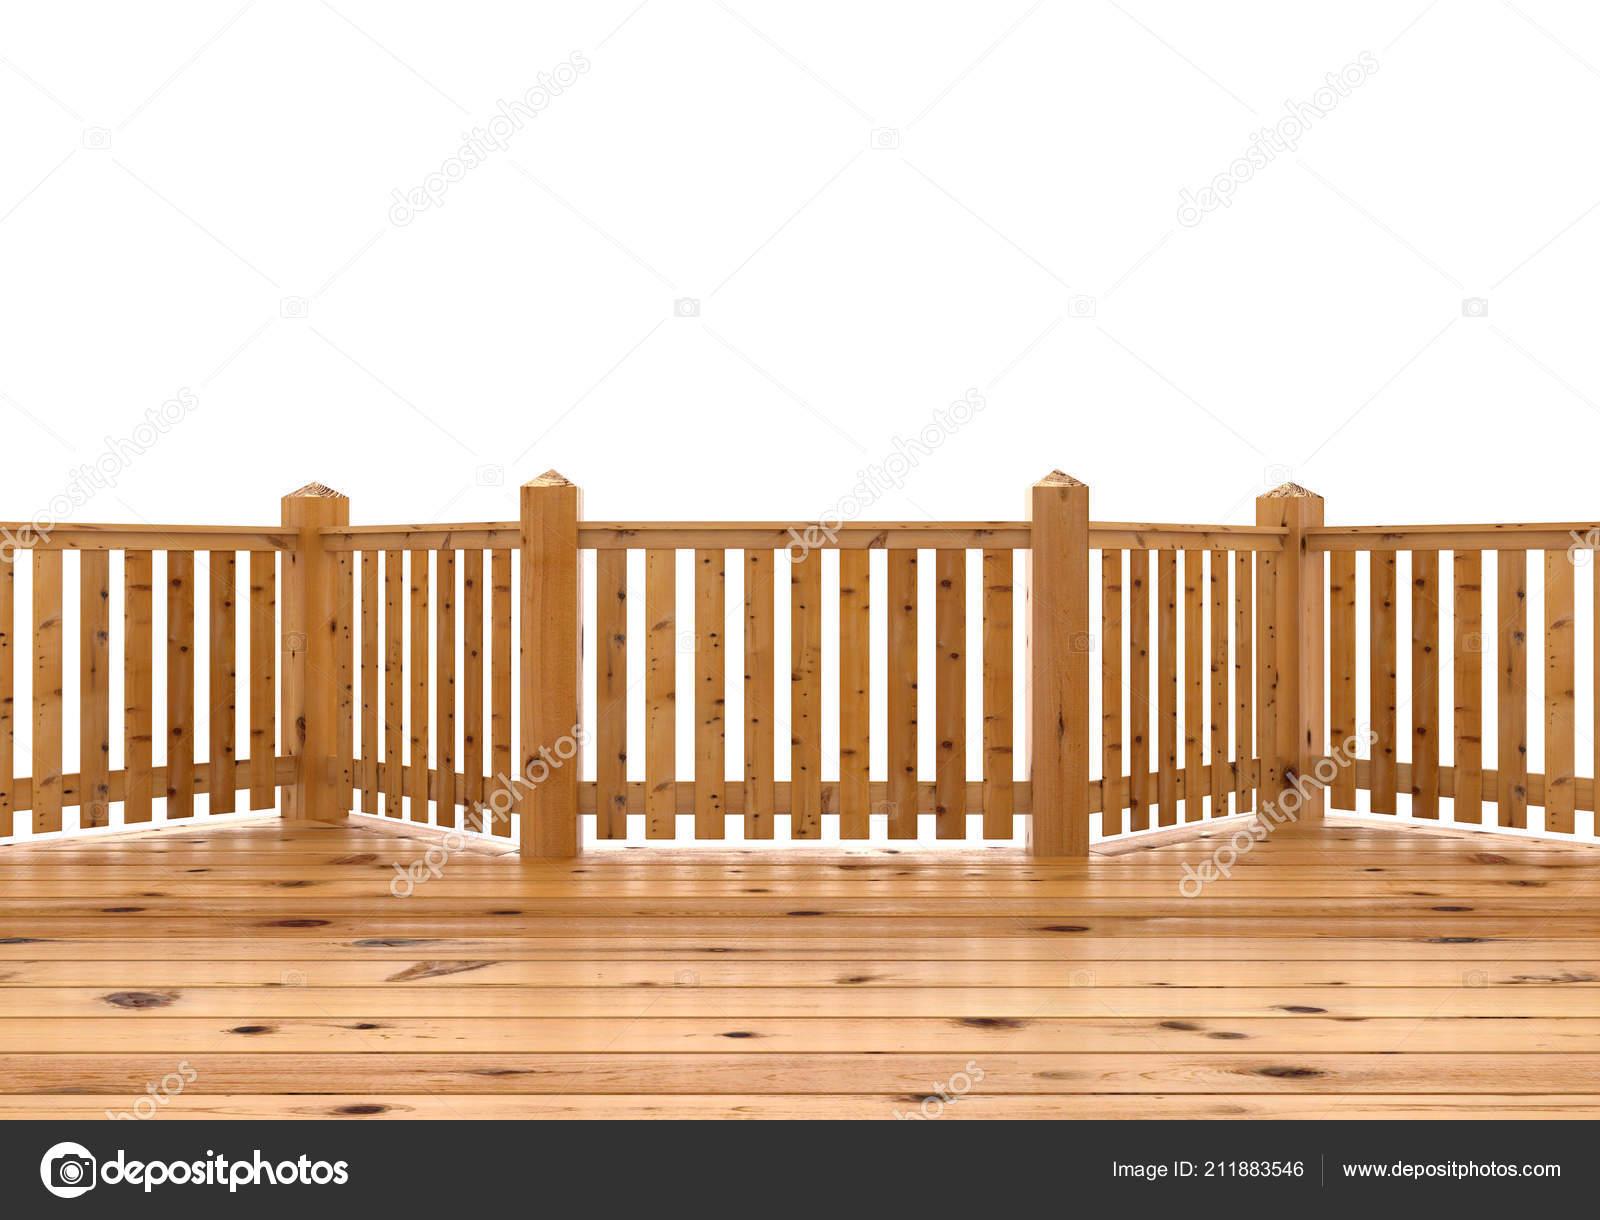 Render Illustrazione Terrazza Legno Abete Veranda Balcone